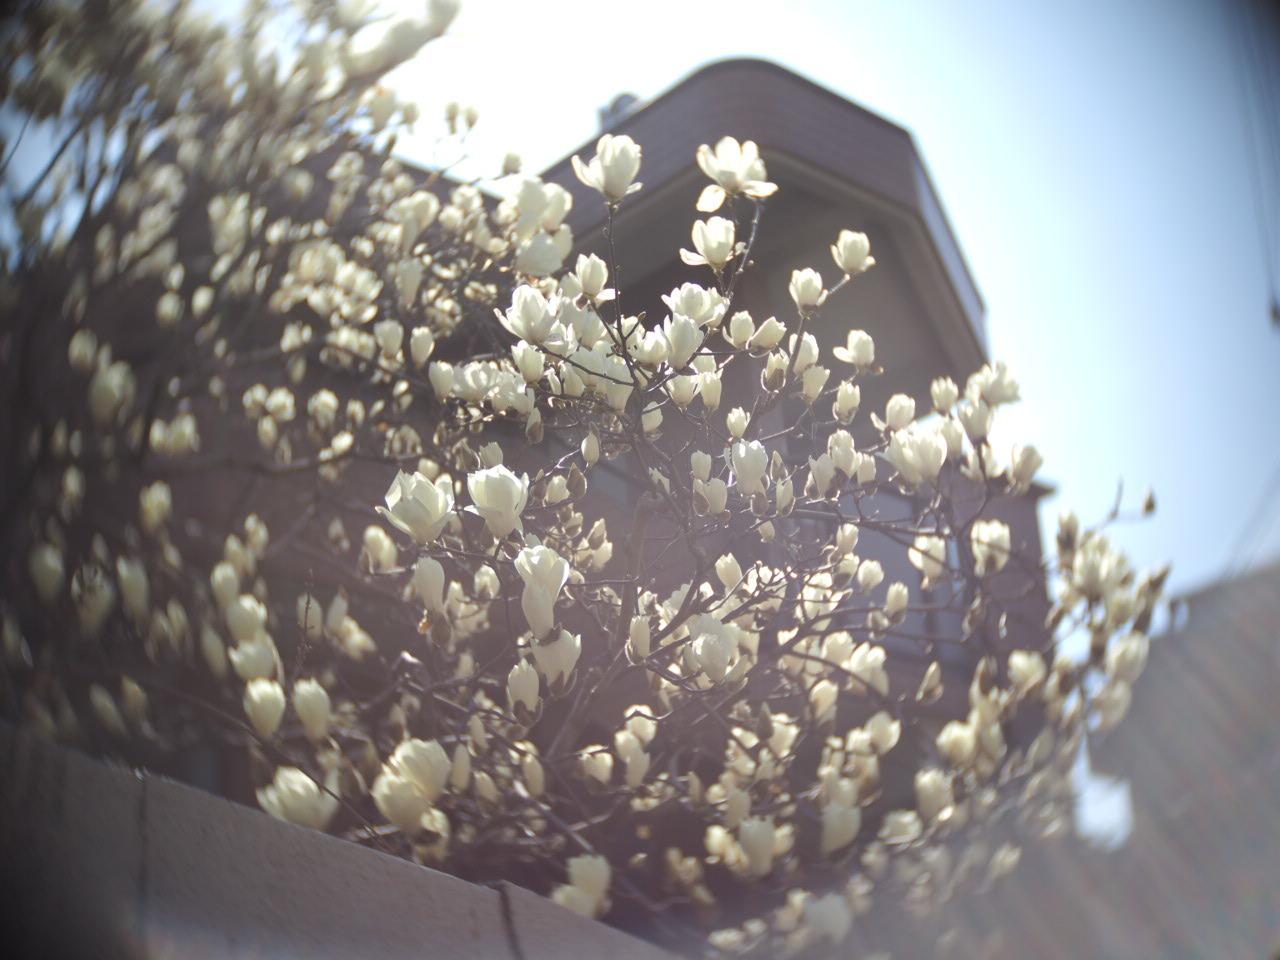 春ですね〜 お花がいっぱい咲いてますよ!_f0135940_13132703.jpg